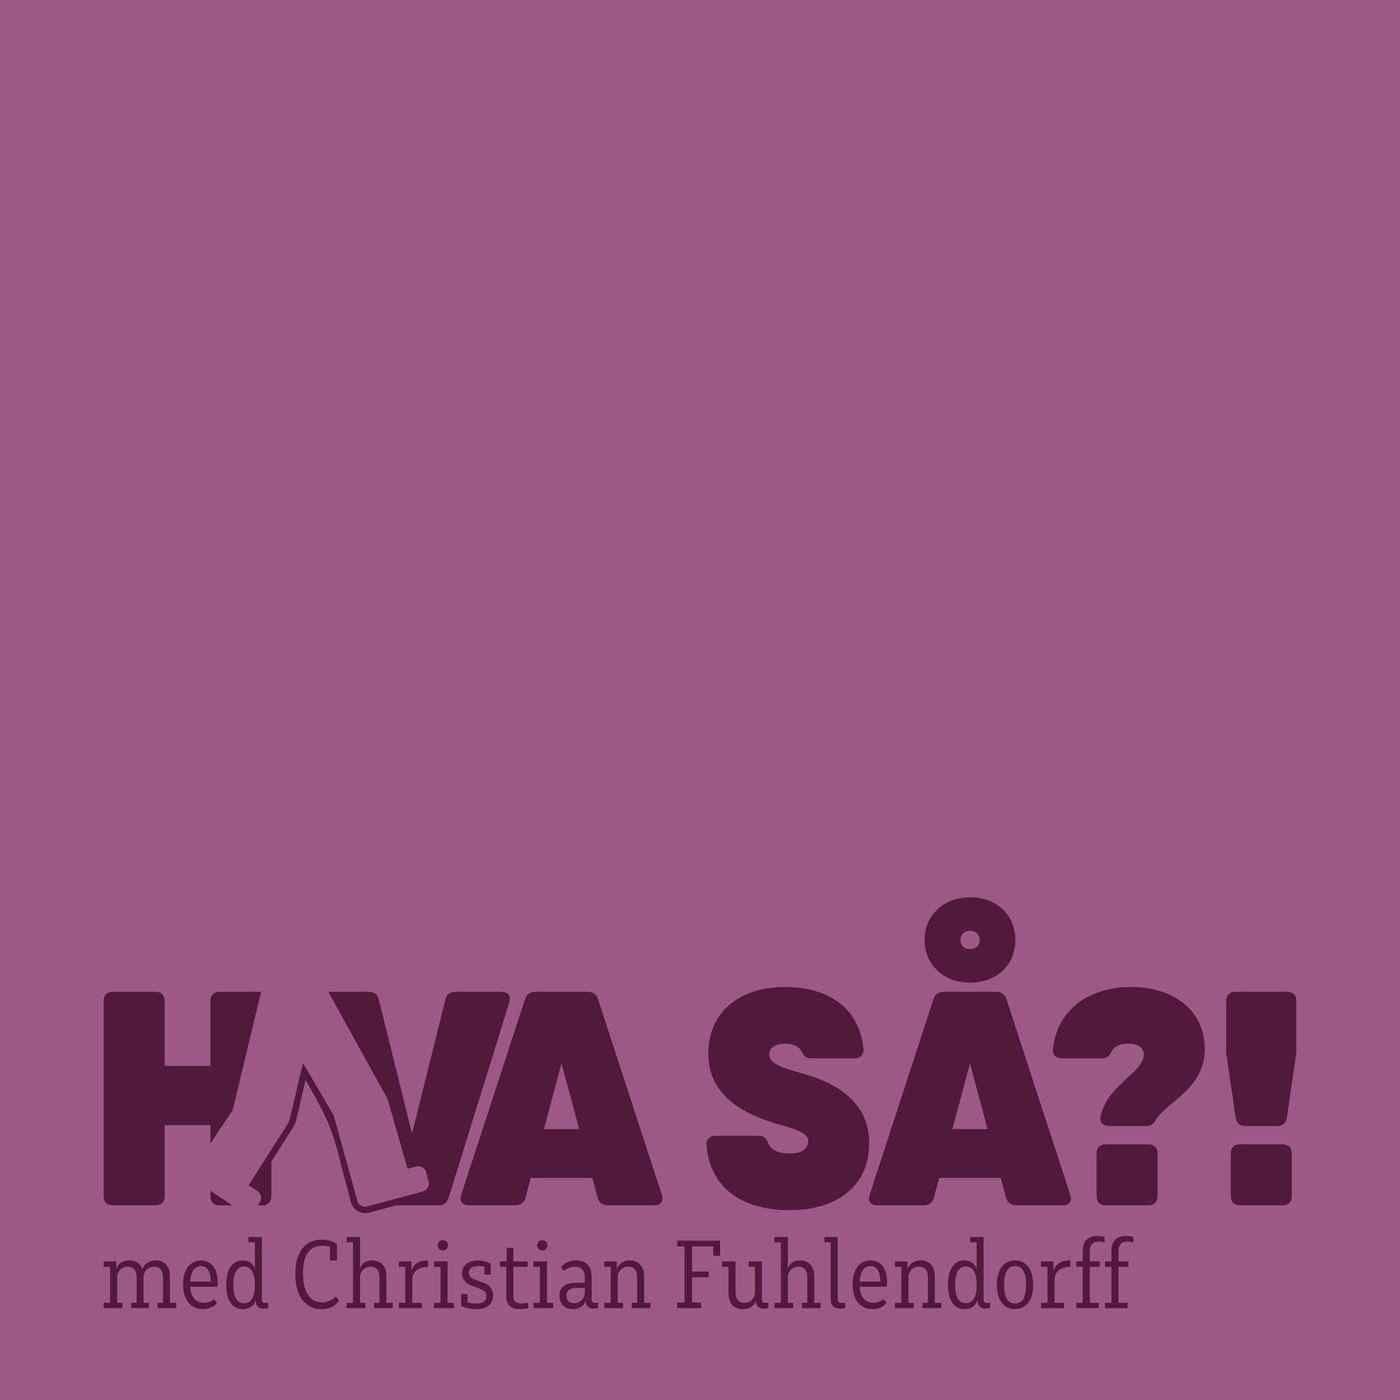 Hva så?! - Lars Hjortshøj II